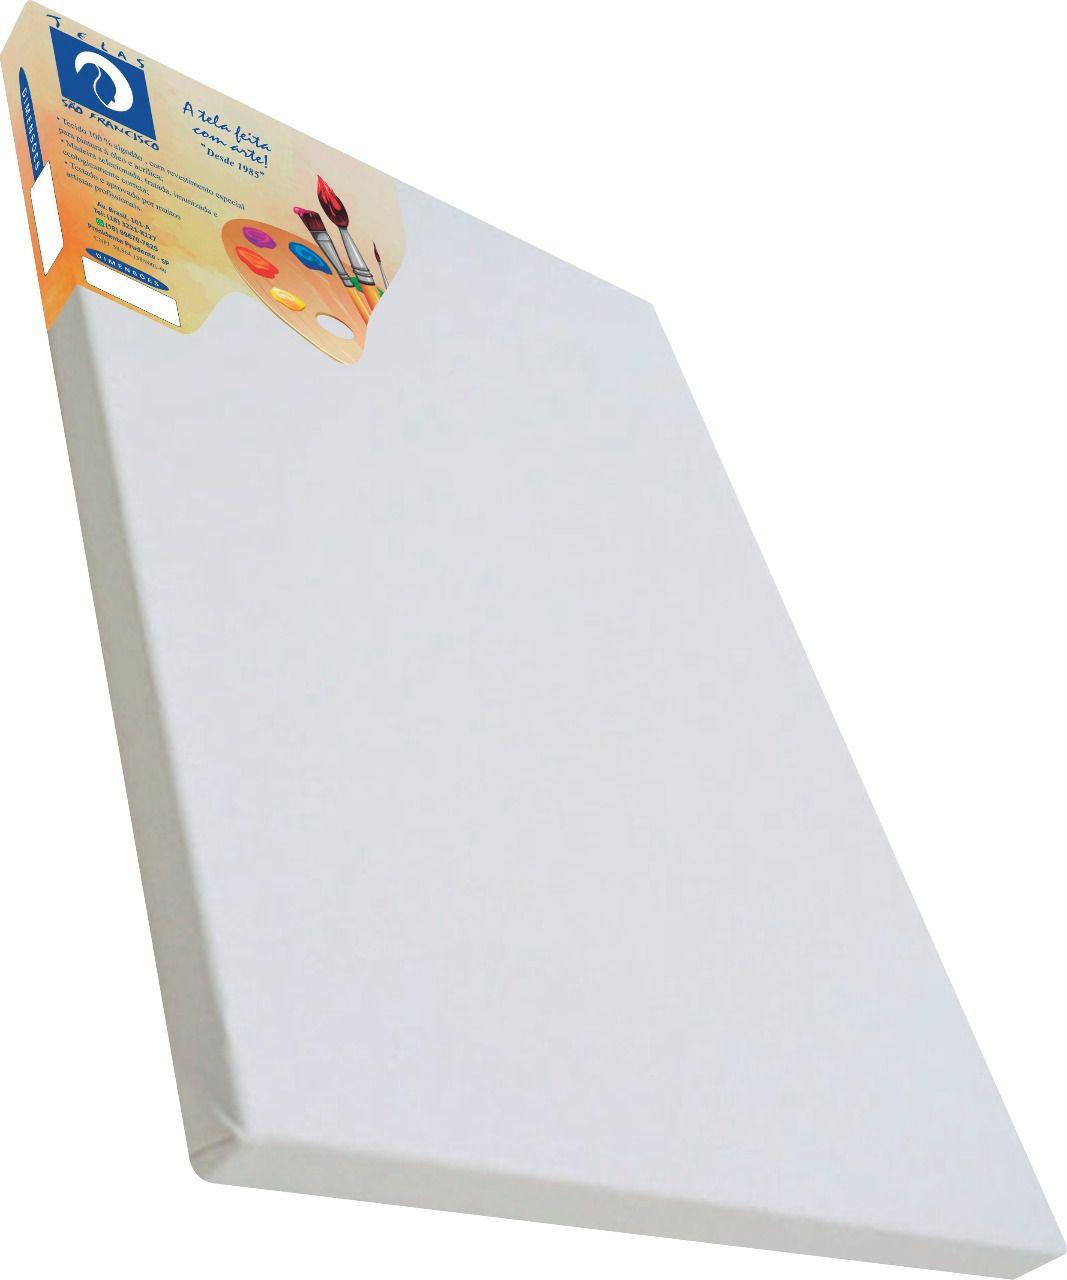 Tela comum para pintura 15x20cm - São Francisco